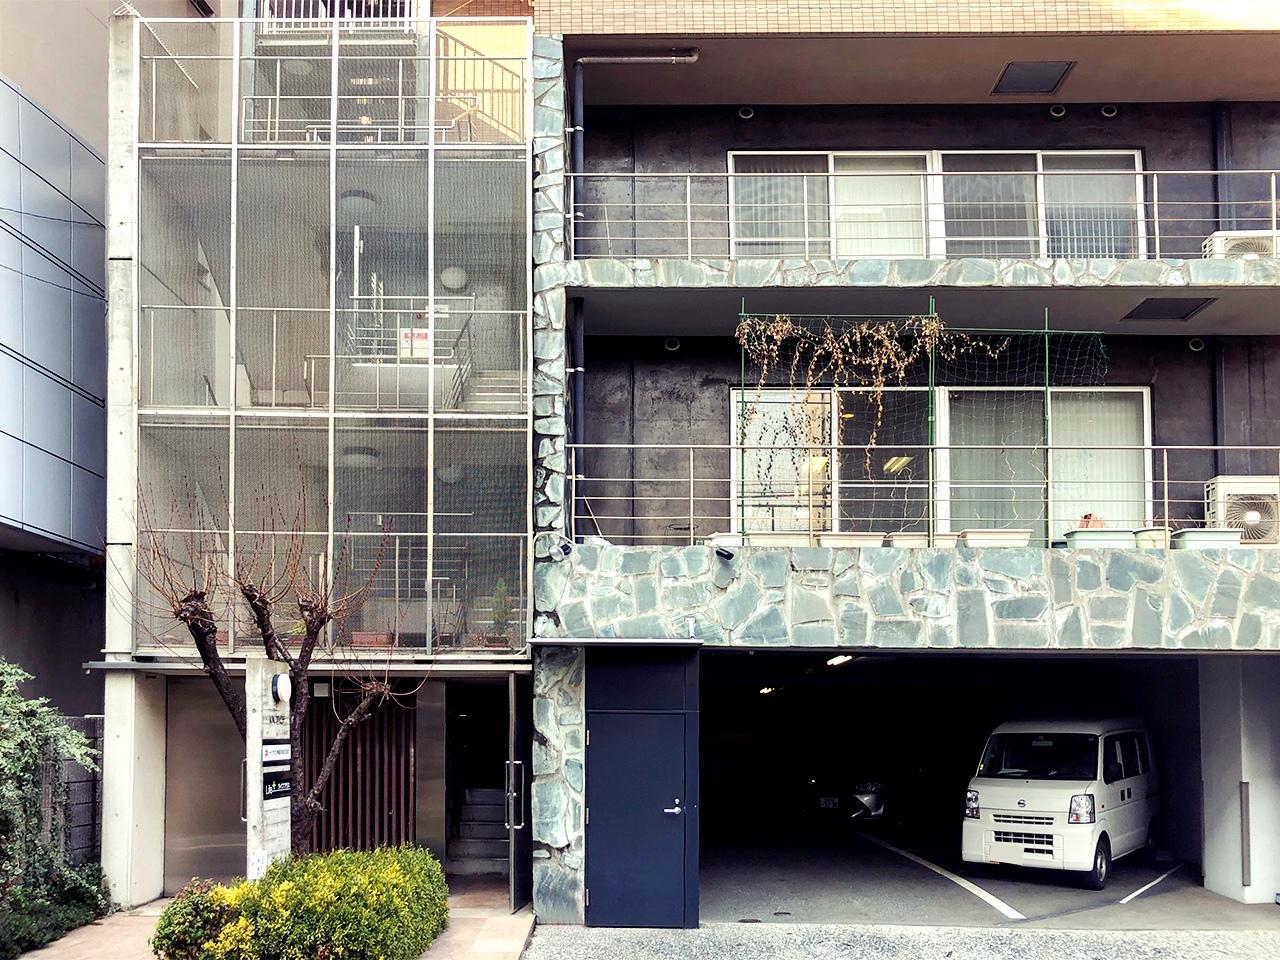 ちょっと重装備とノーシースルー (福岡市中央区大手門の物件) - 福岡R不動産